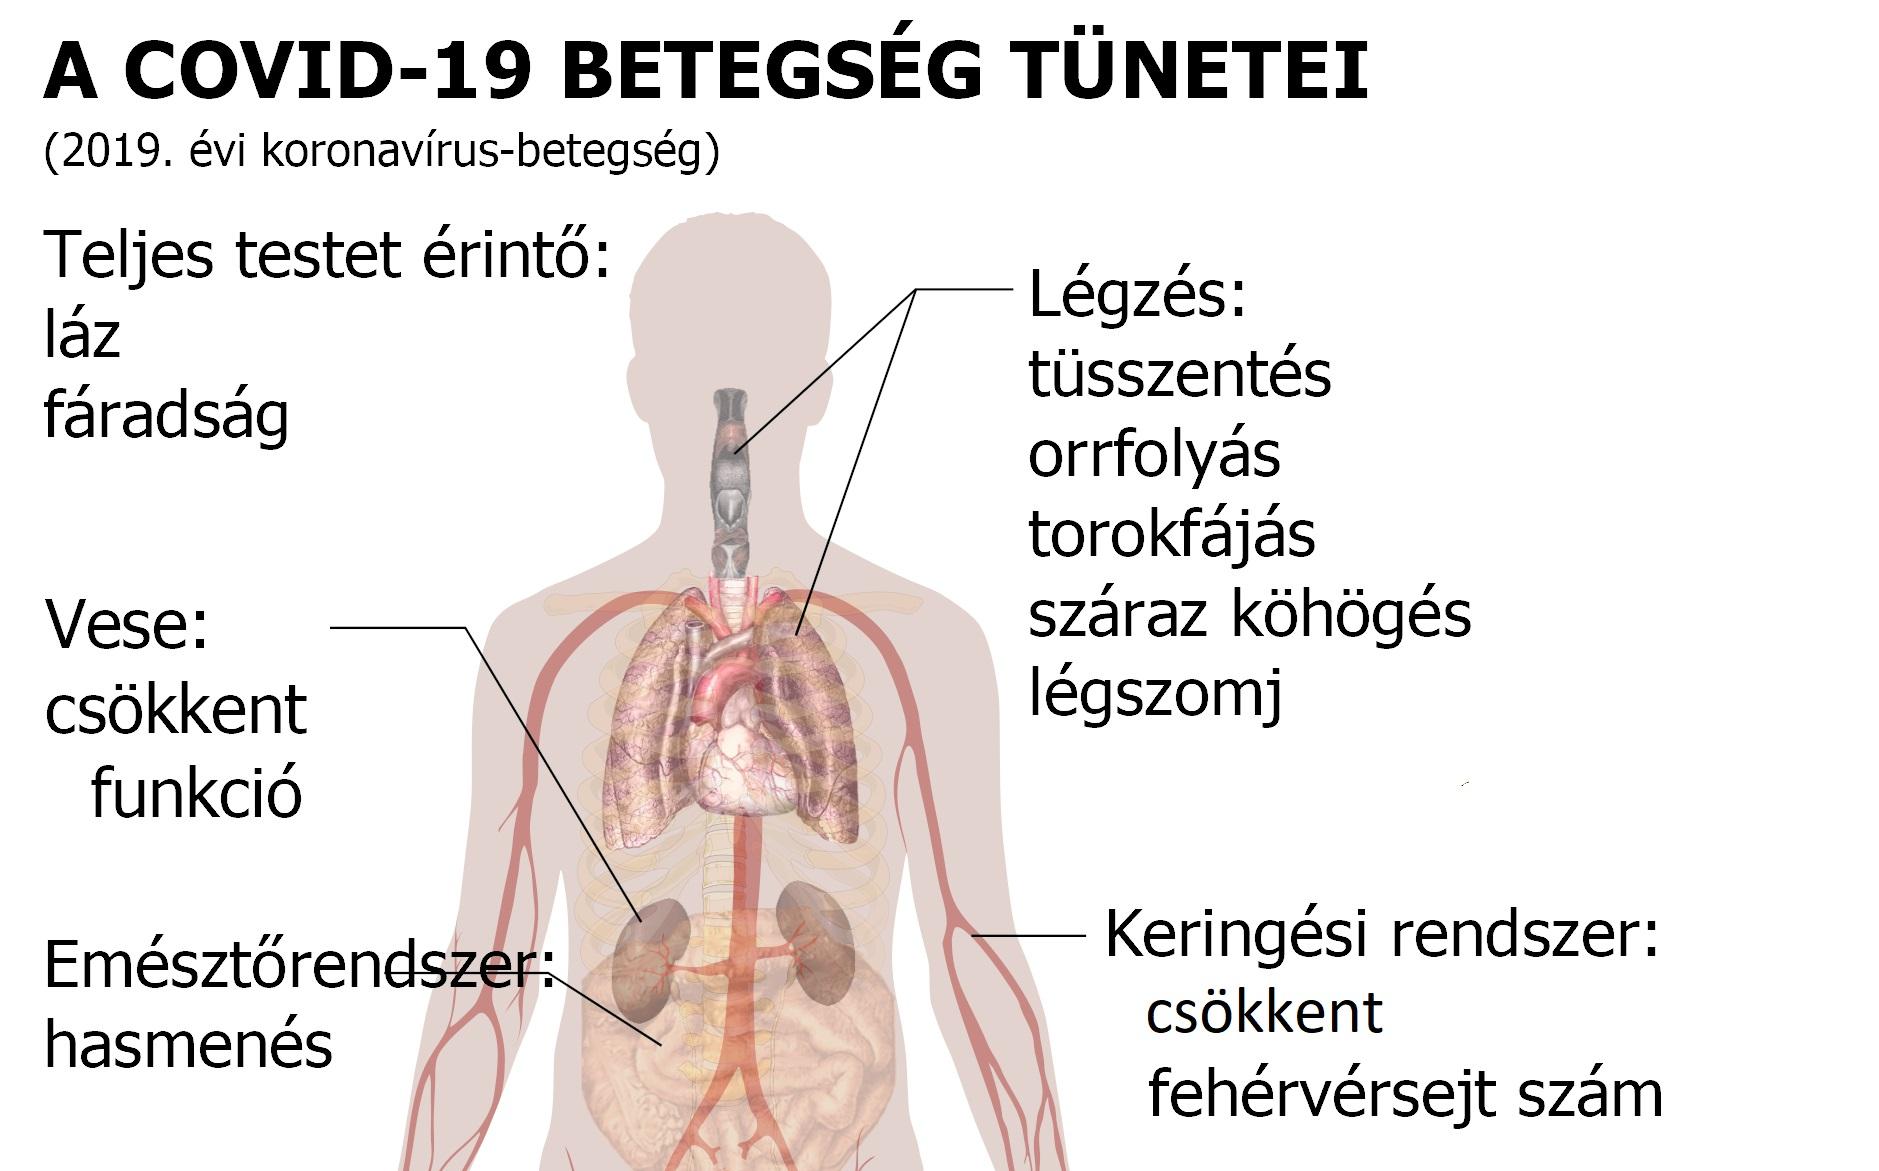 magas vérnyomás szén-dioxid-kezelése)